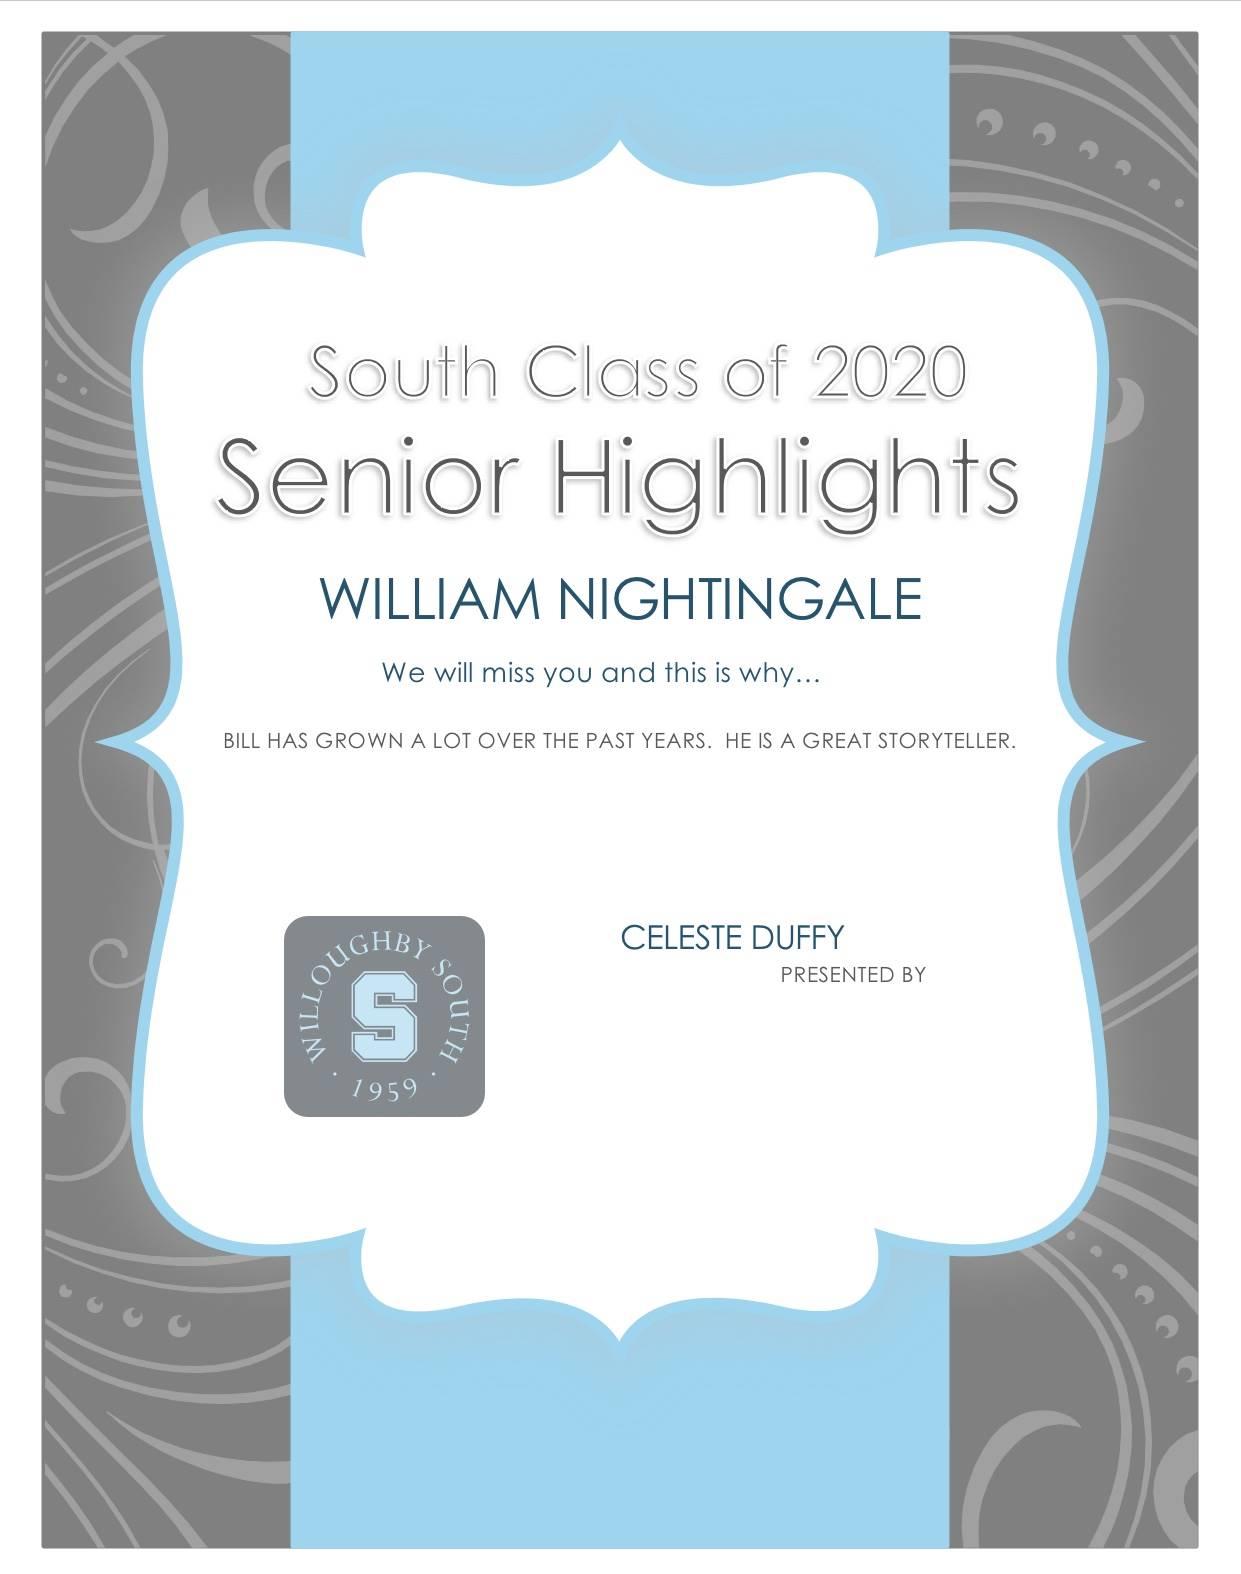 William Nightengale